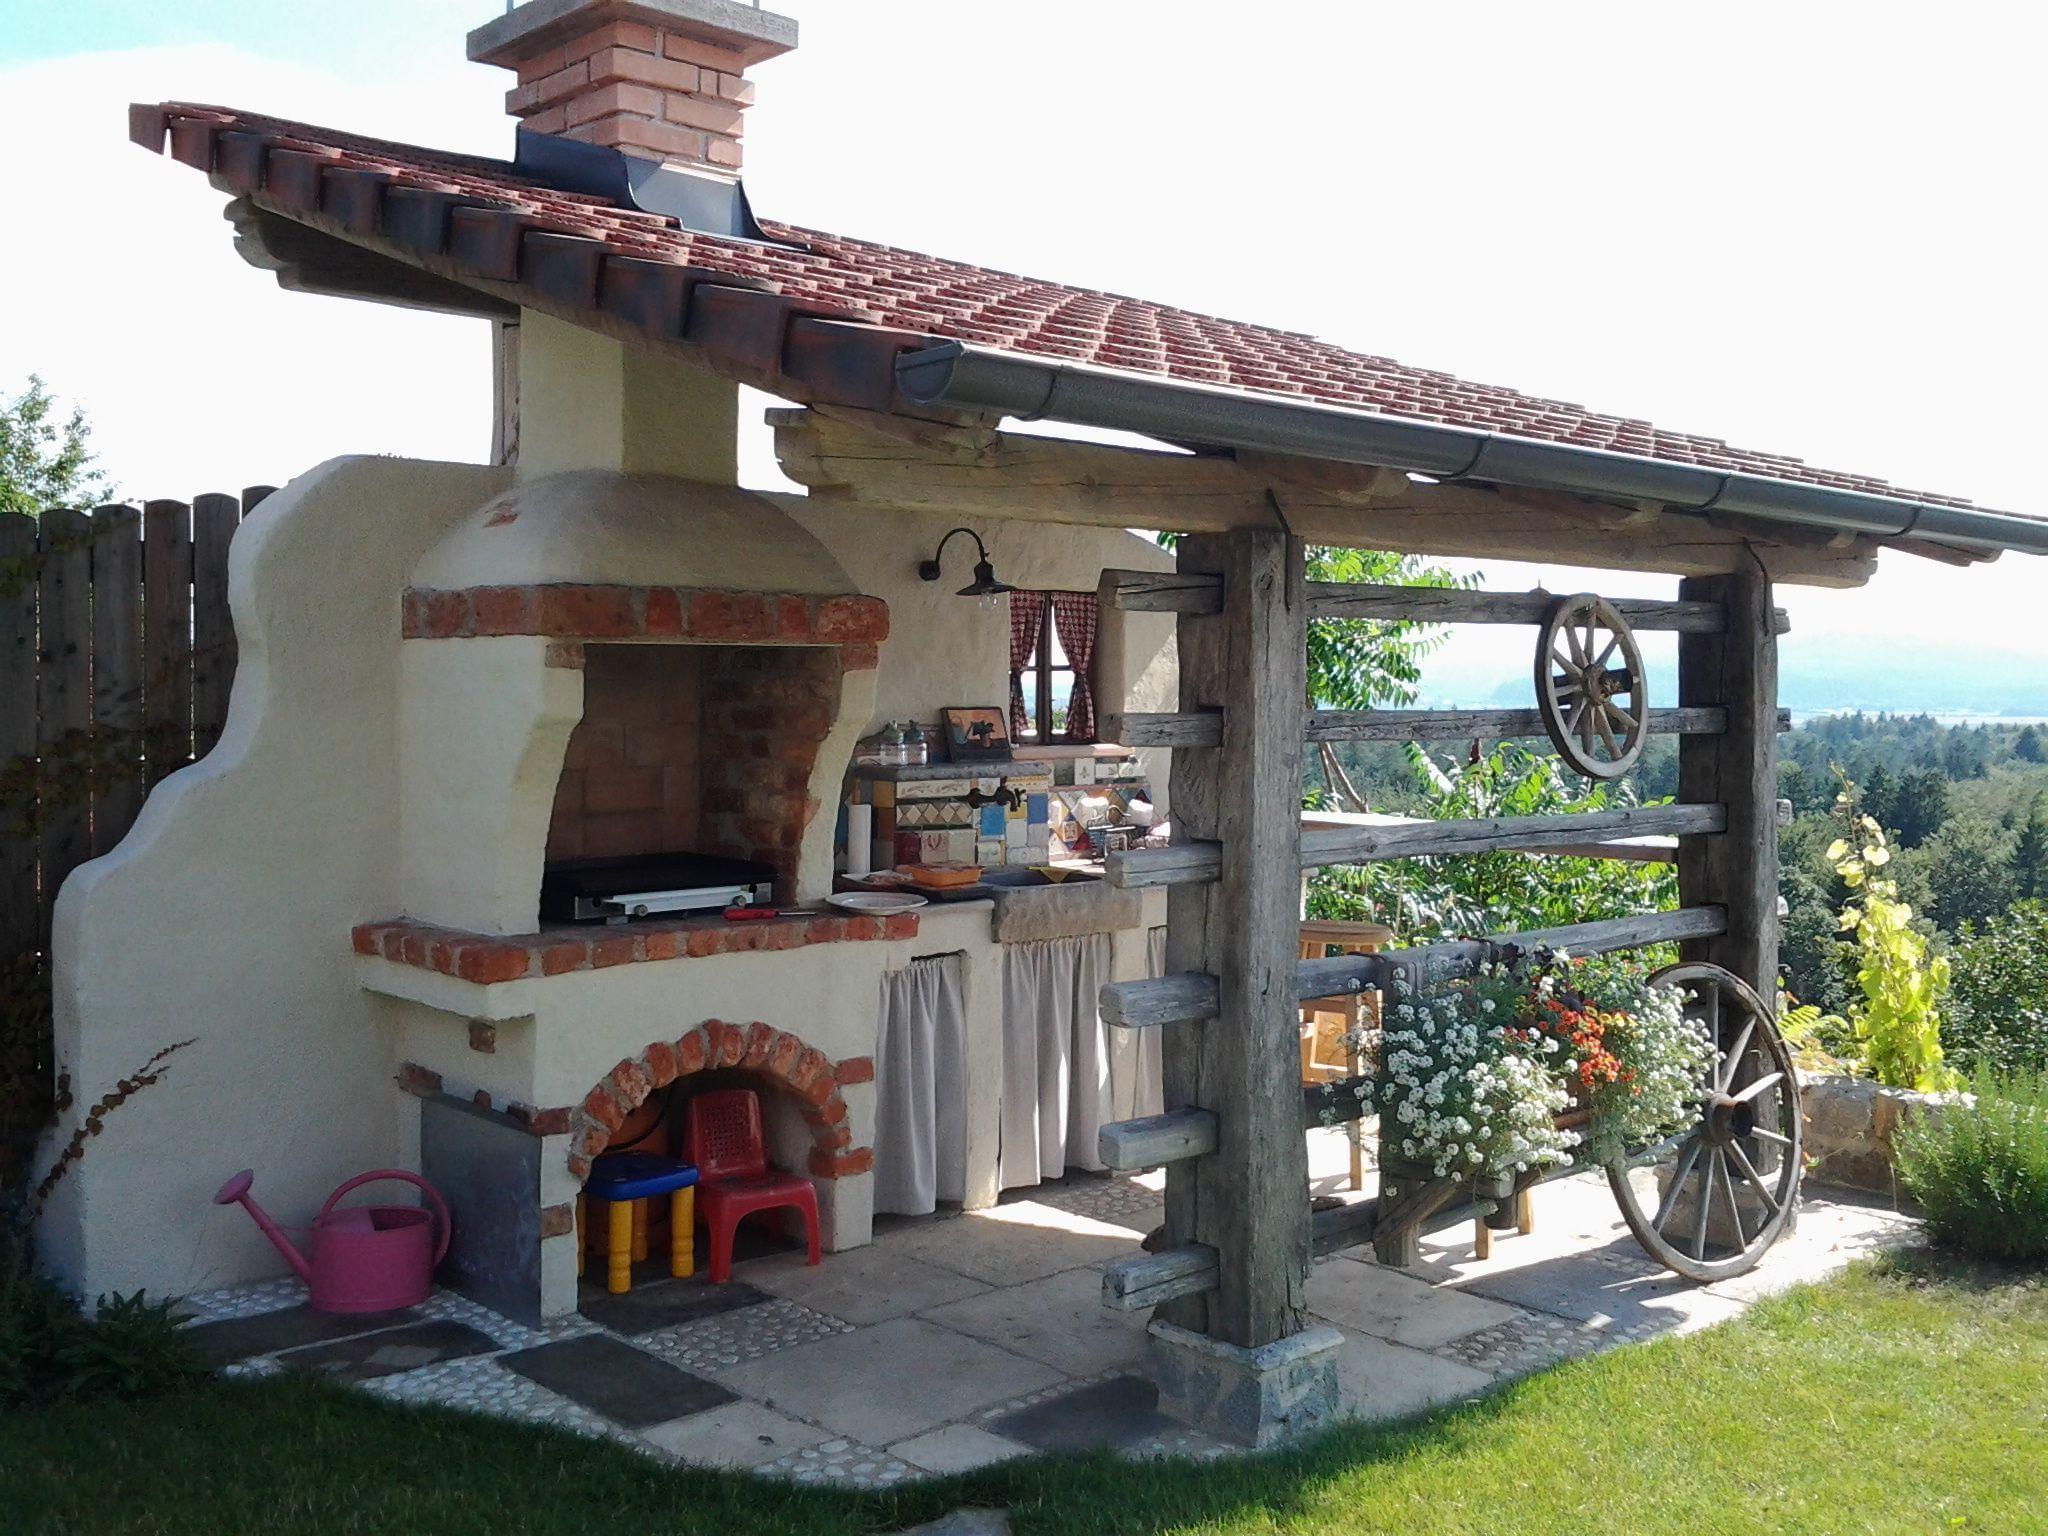 Küchenzeile Für Gartenhaus Design für aussenküche